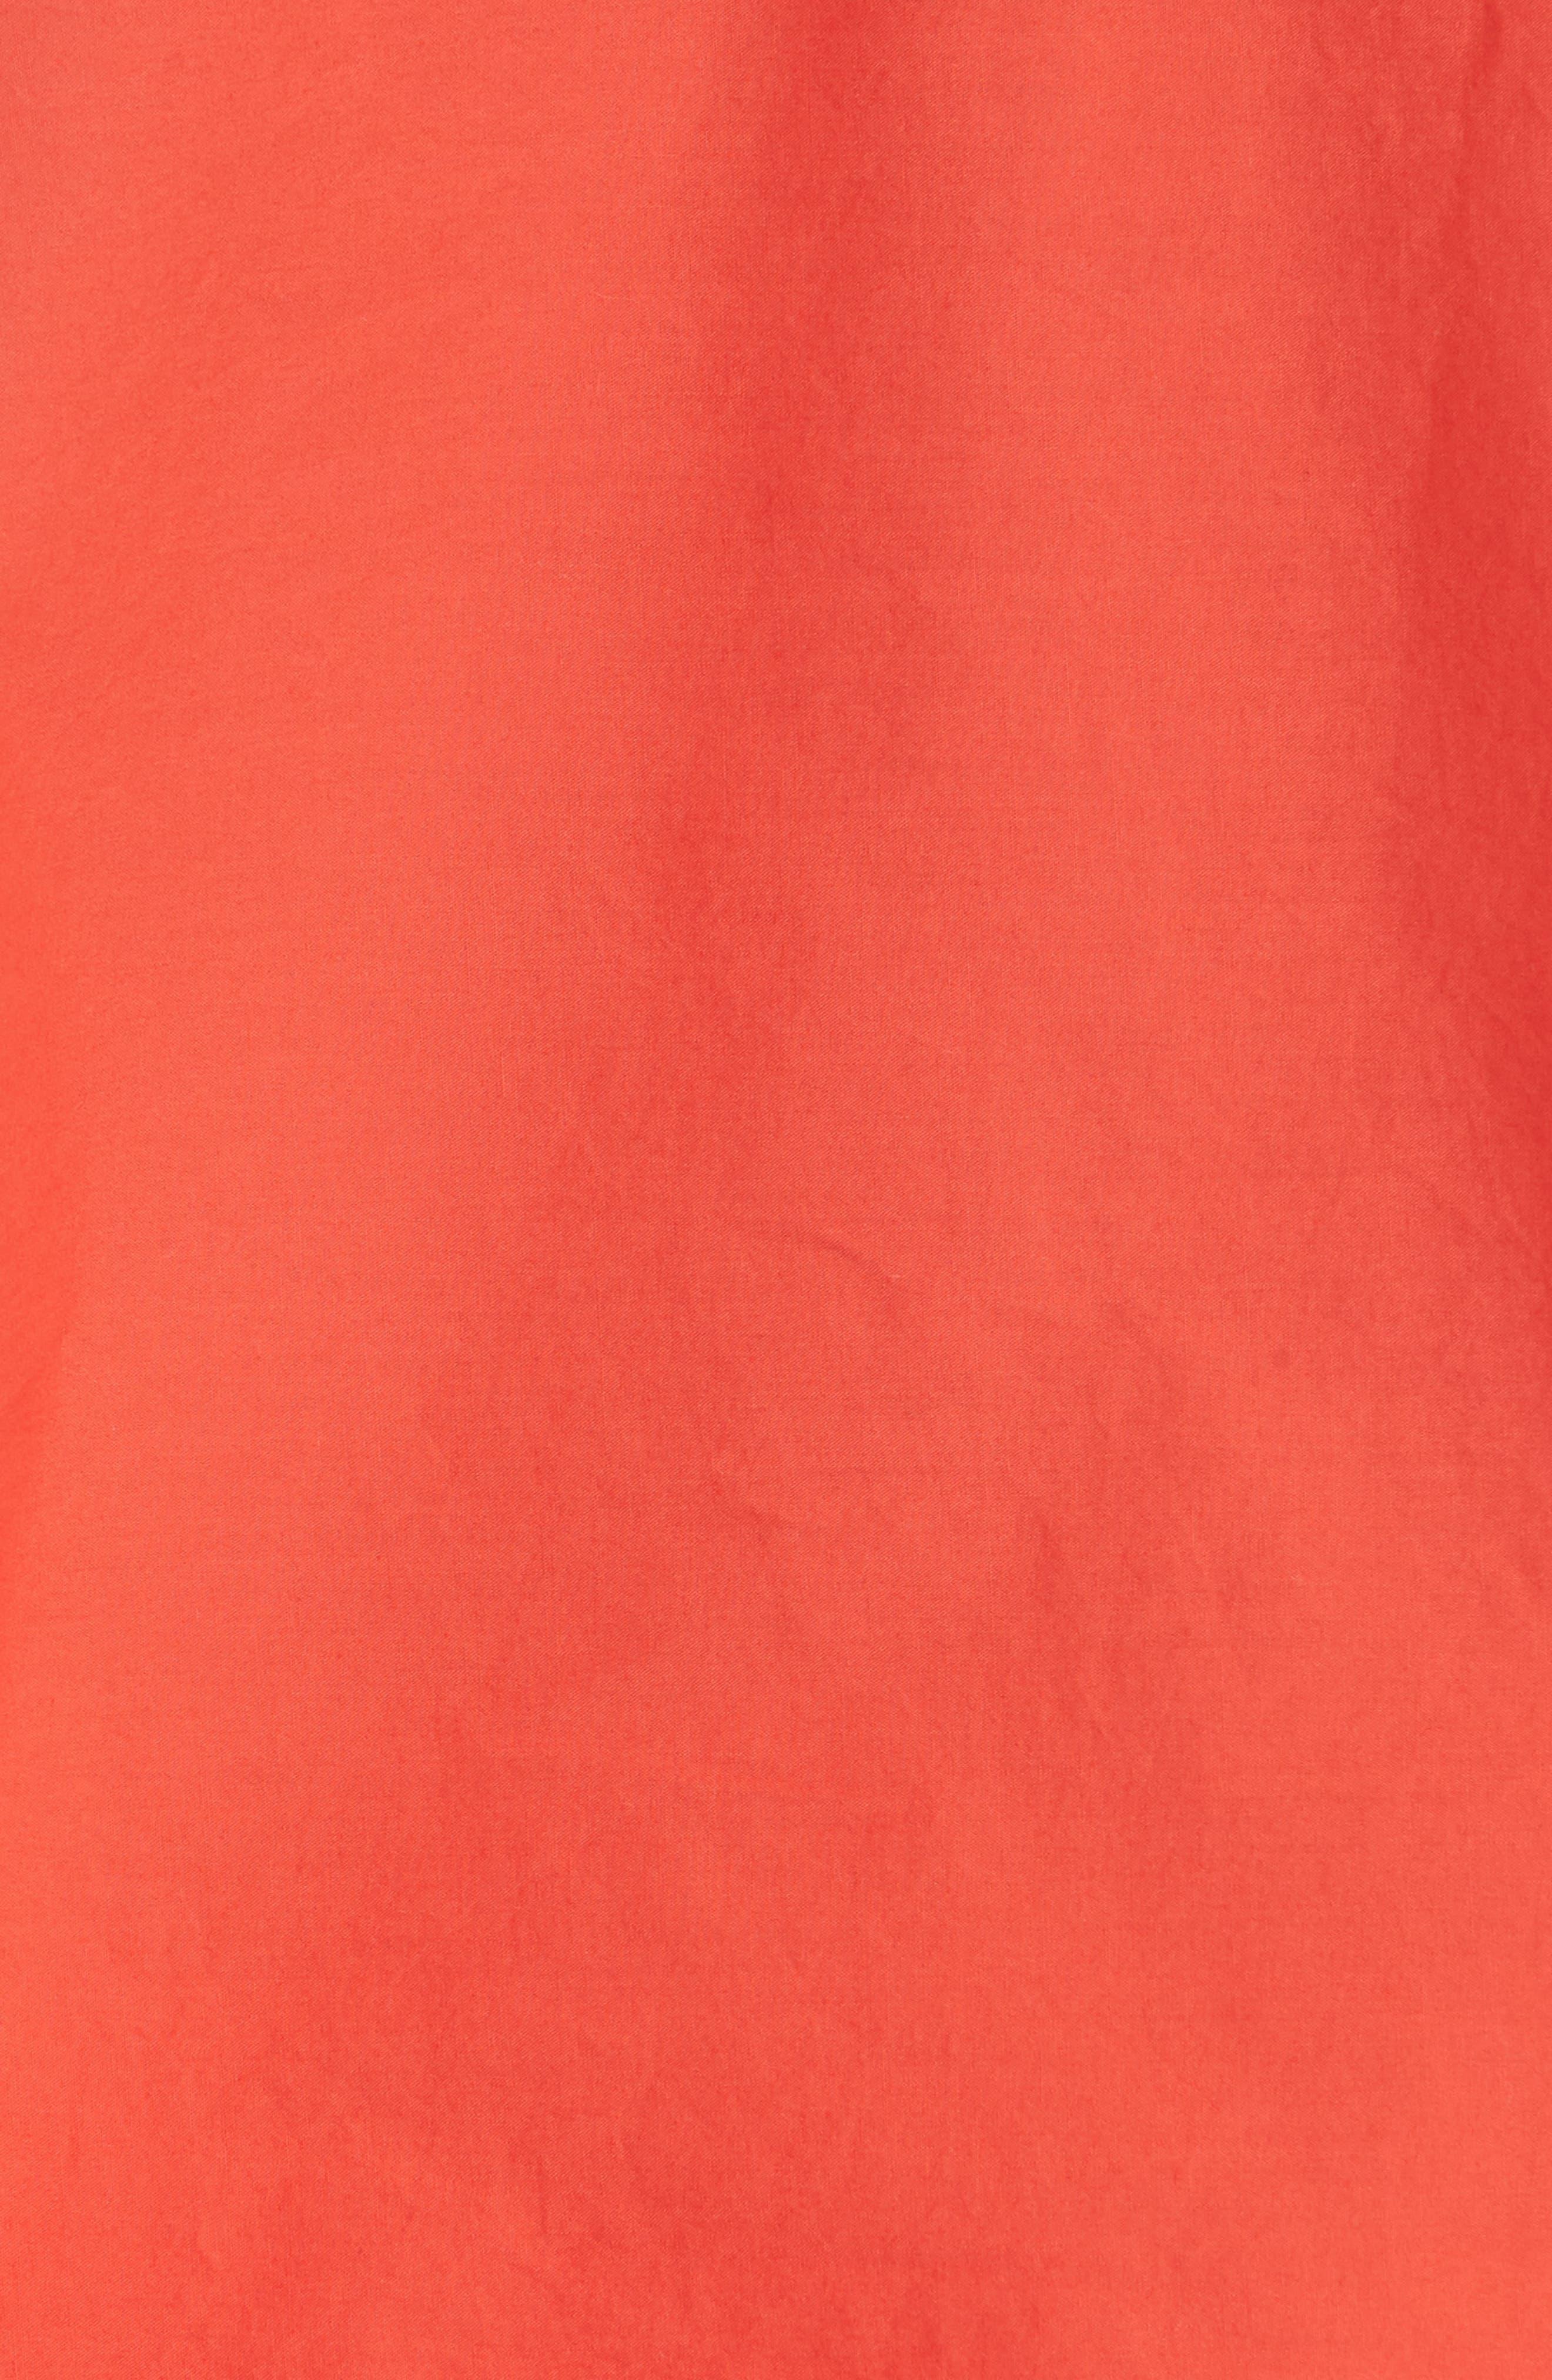 Colissa One-Shoulder Cotton Blouse,                             Alternate thumbnail 5, color,                             Salsa